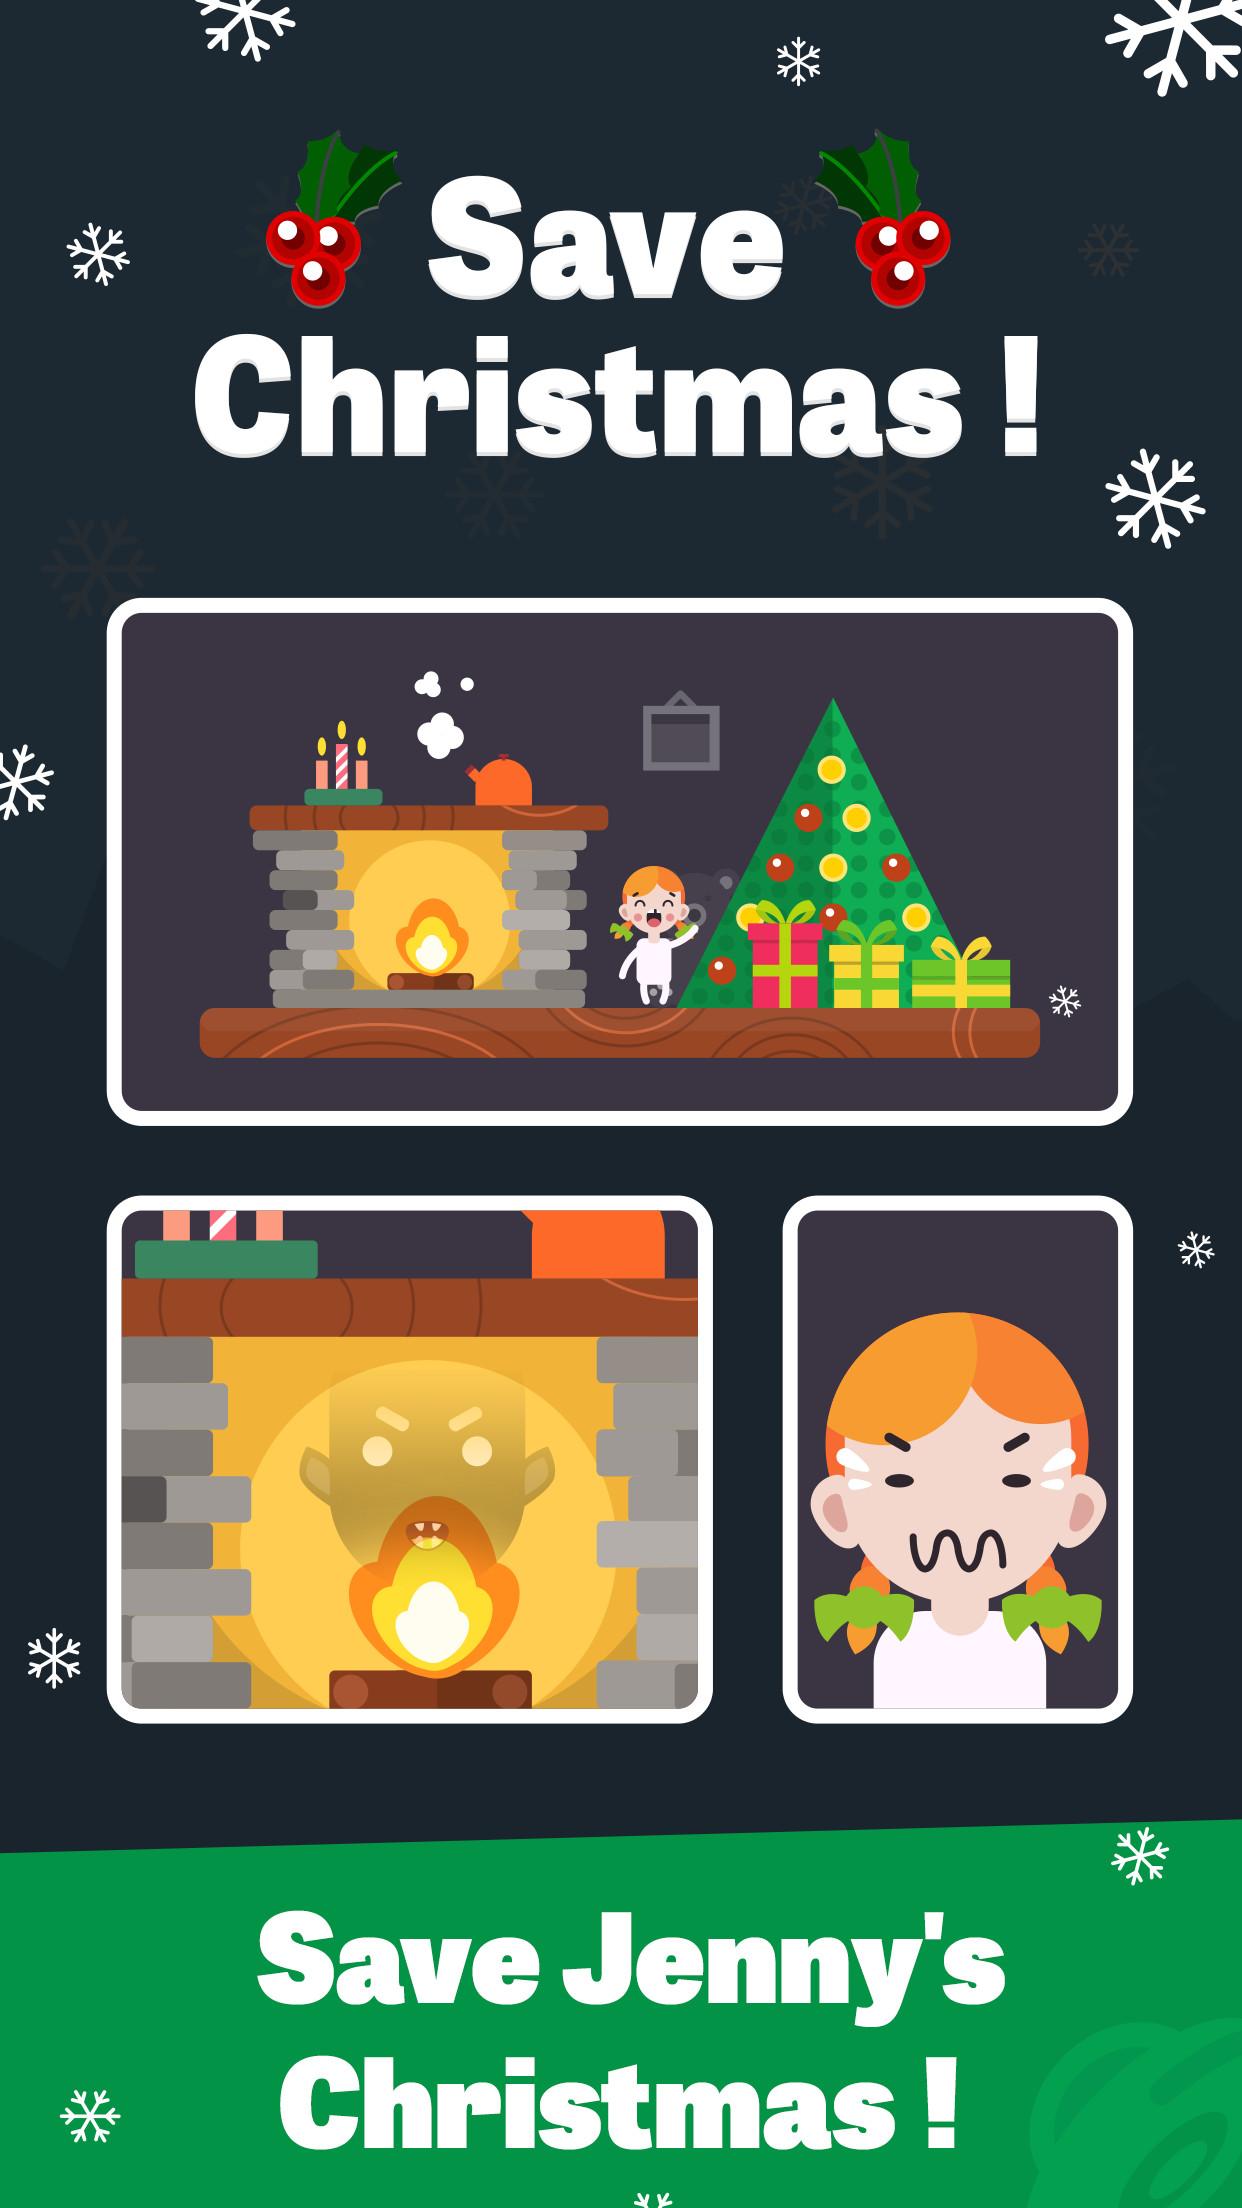 Save Christmas!